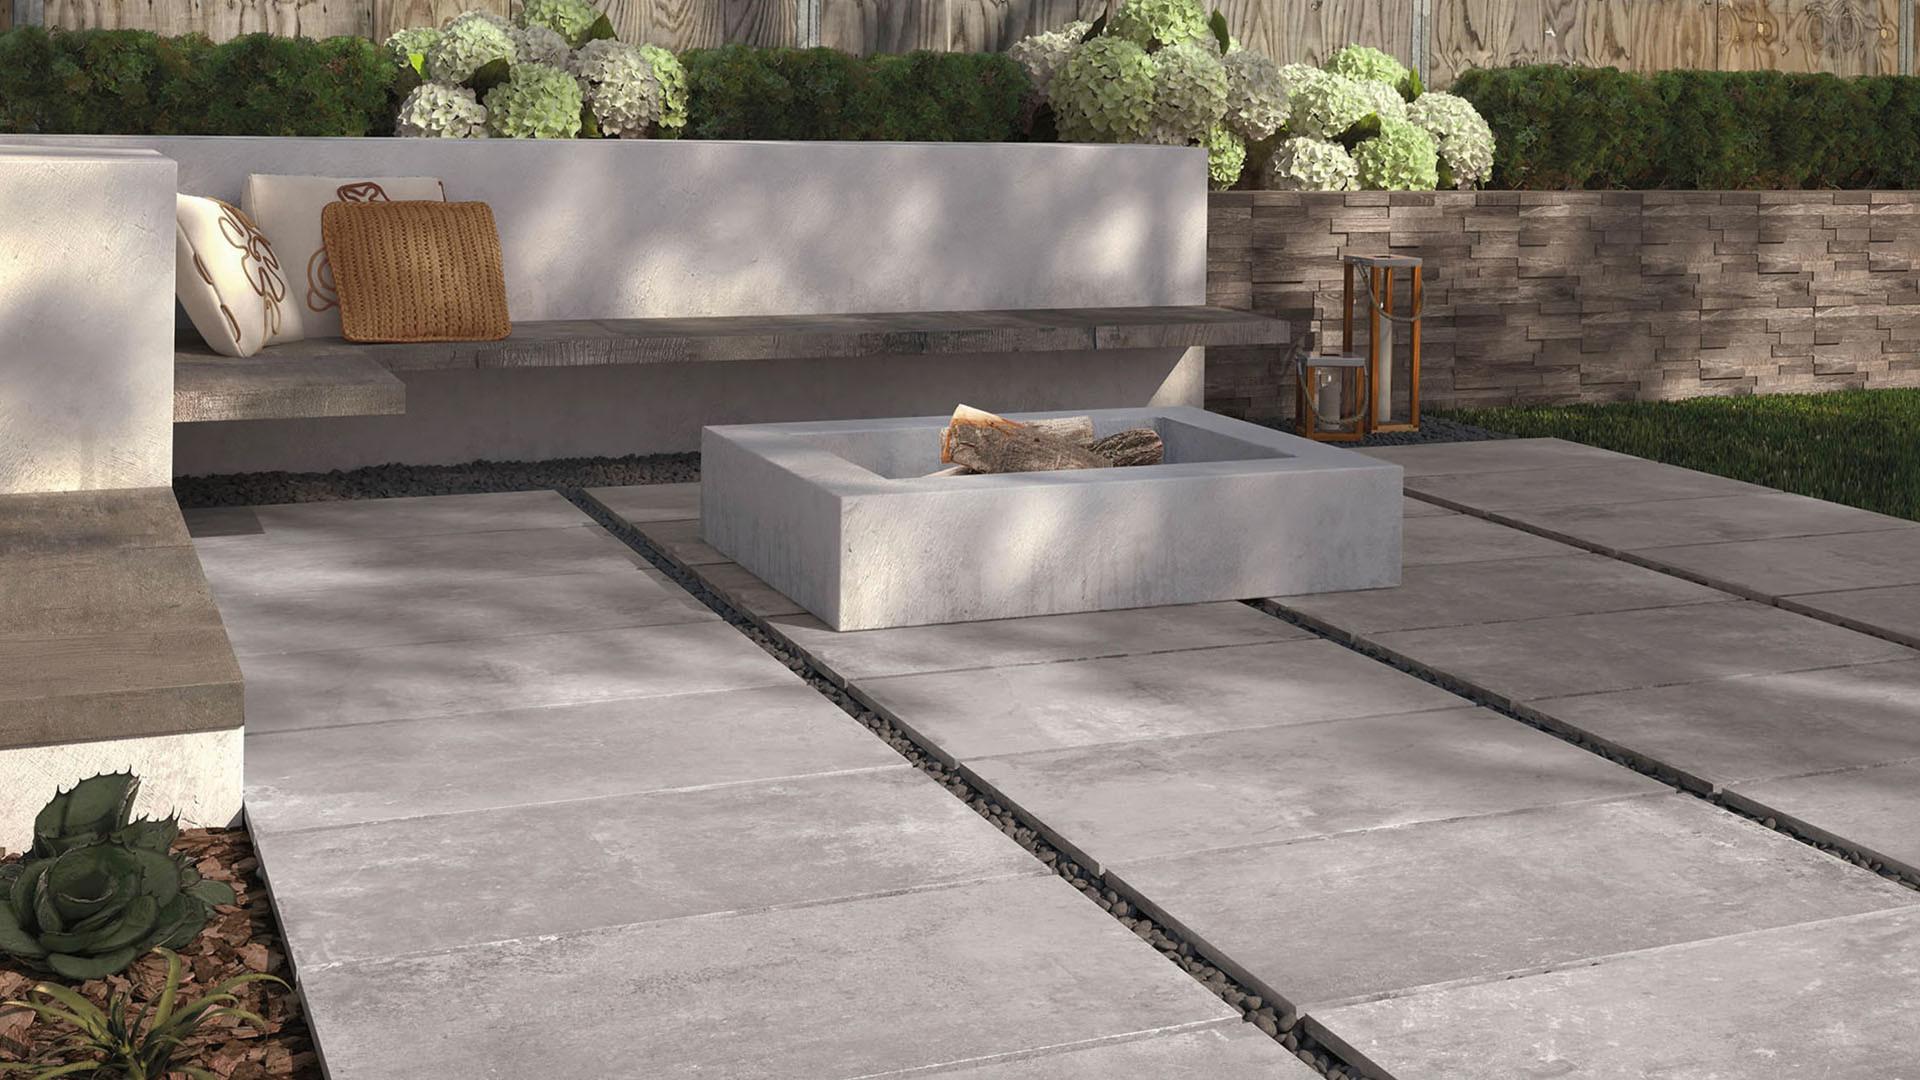 terrassenplatten - bauer raumgestaltung | seit 1975 - fliesen, böden